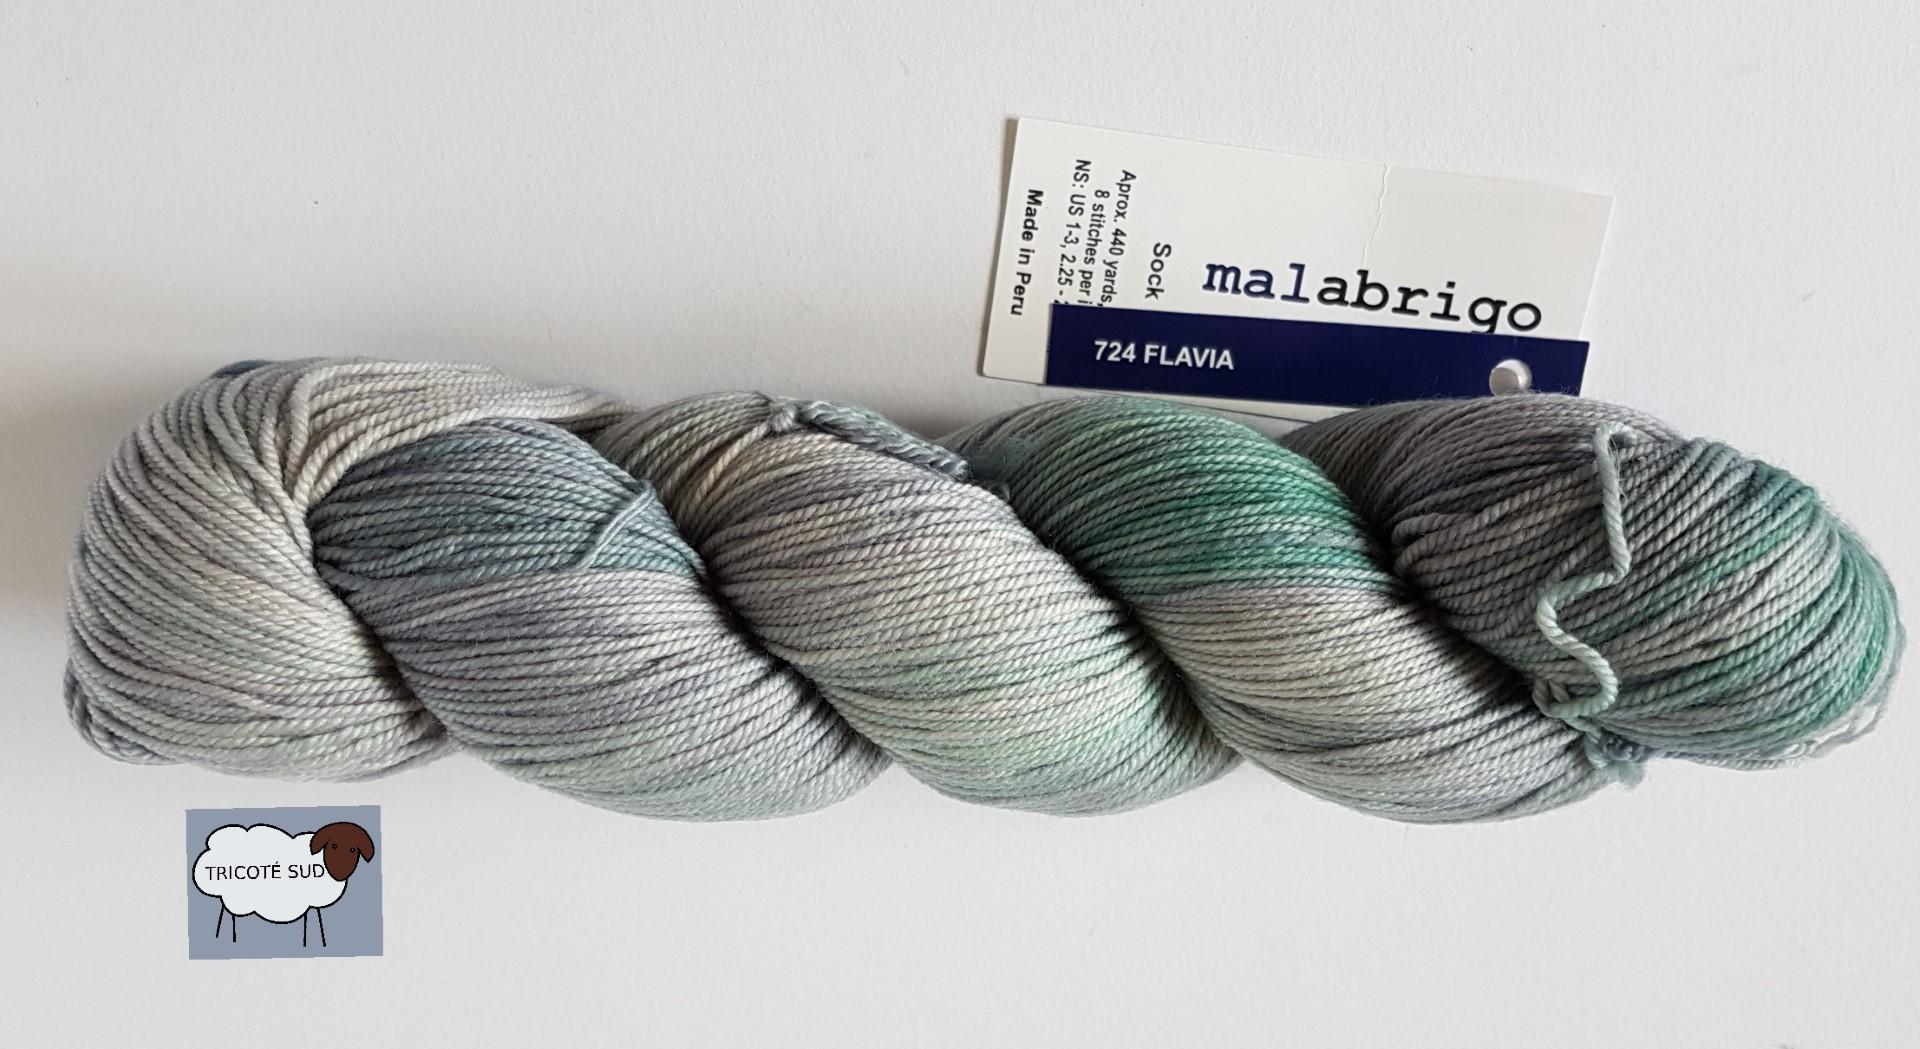 MALABRIGO SOCK FLAVIA (5) (Large)